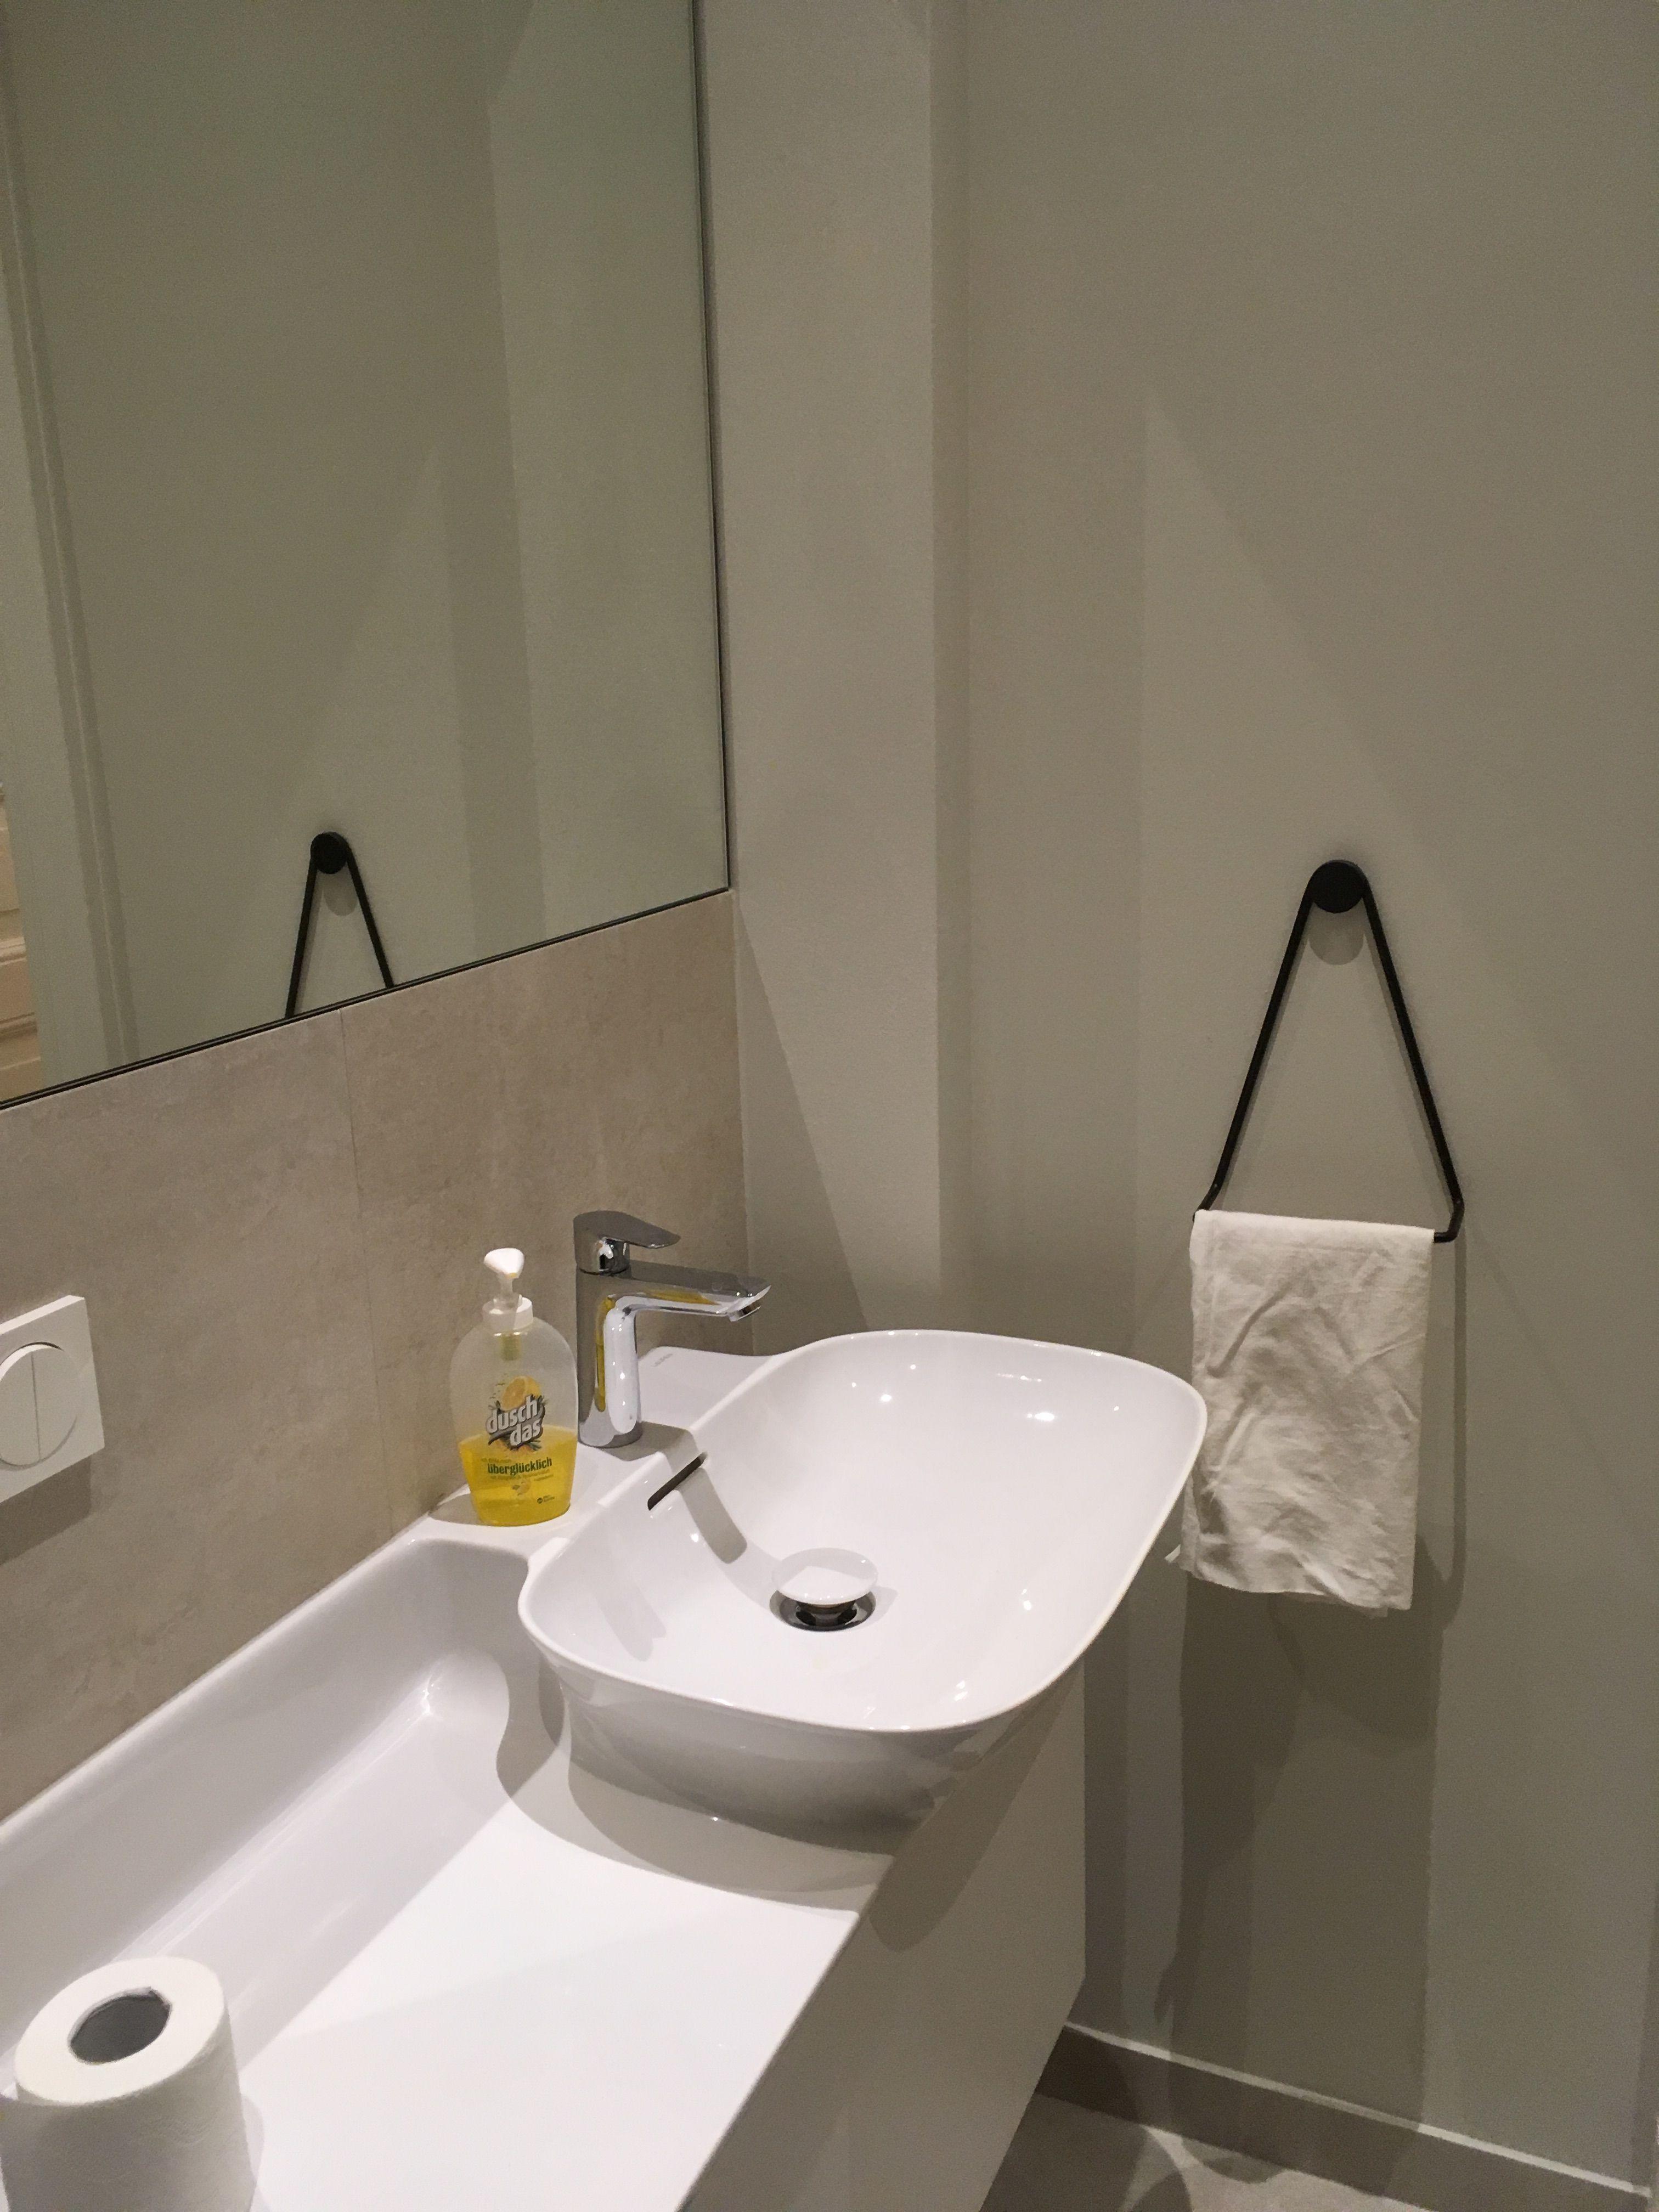 Handtuchhalter Bran Waschtisch Laufen Handtuchhalter Waschtisch Badezimmer